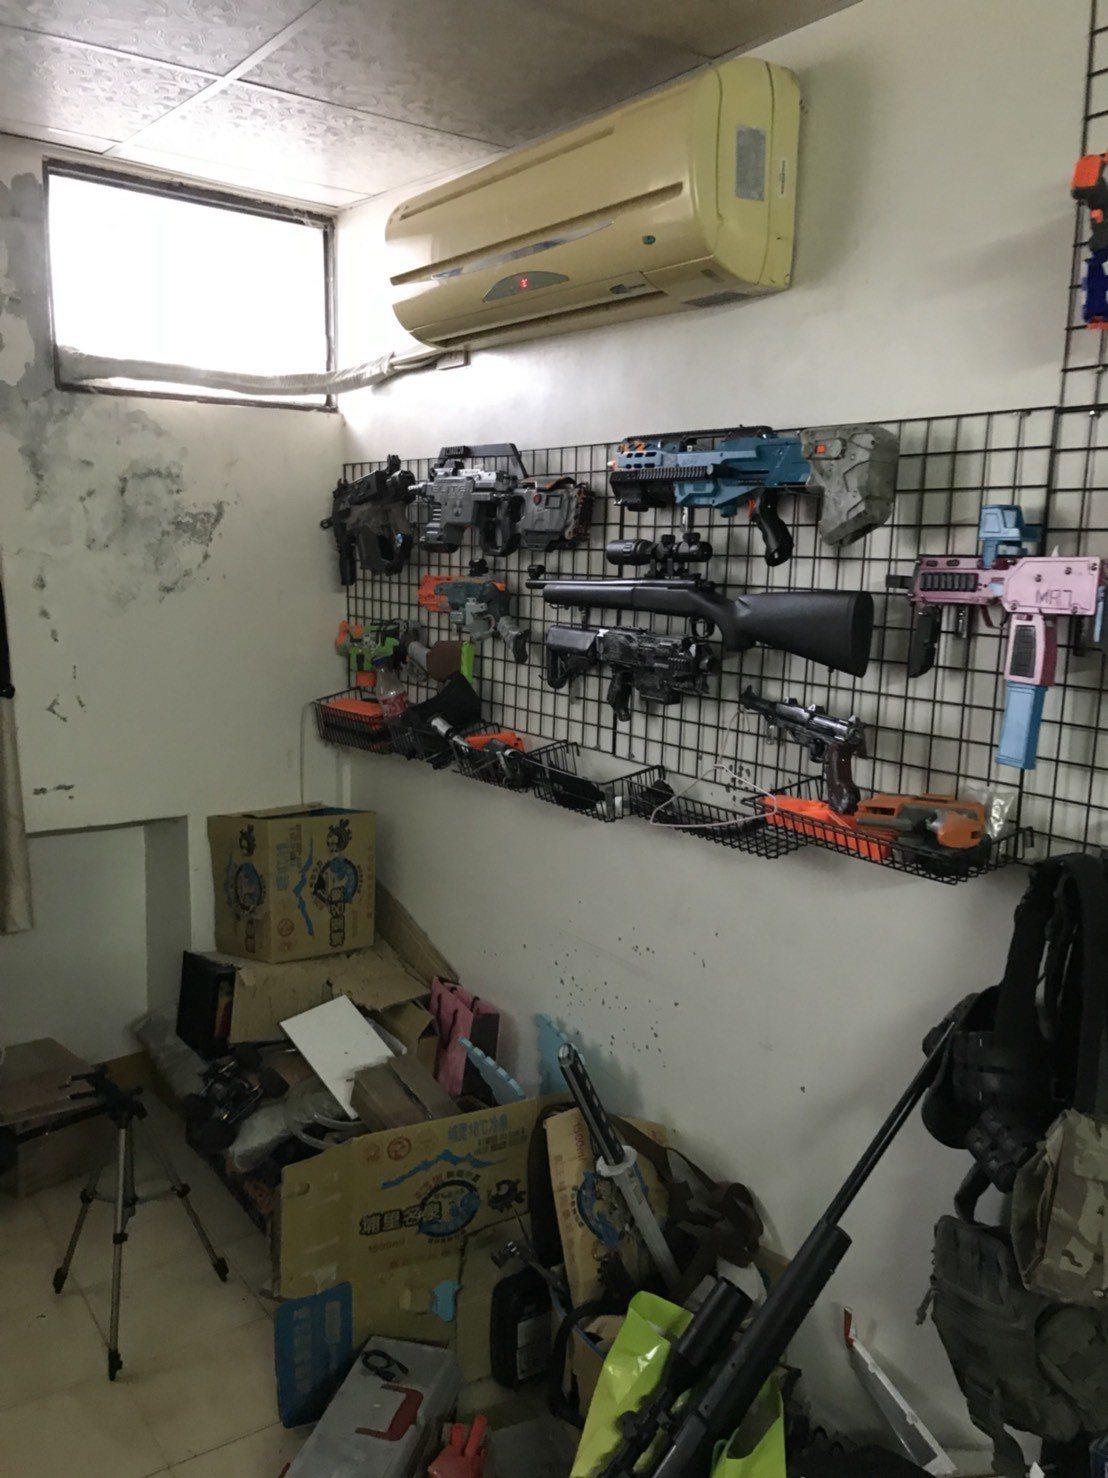 警方在李姓男子(右)家中查獲大批改造槍枝工具、改造槍枝,李將槍枝懸掛在房間牆壁上...